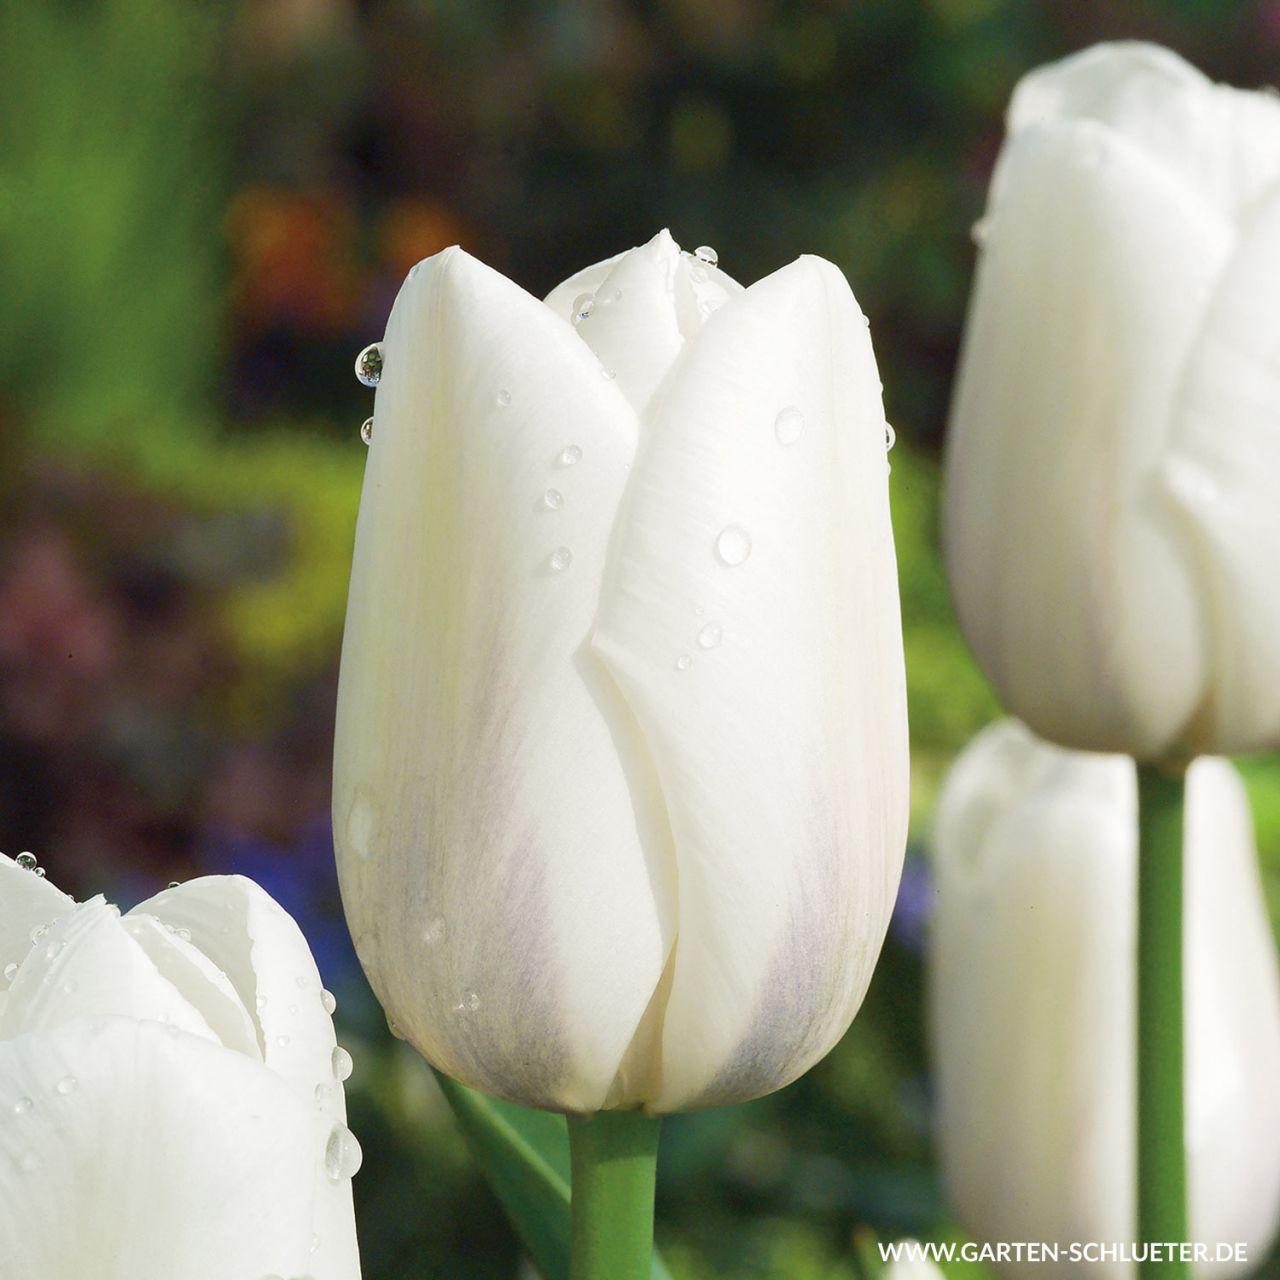 Einfache späte Tulpe 'Clearwater' - 10 Stück